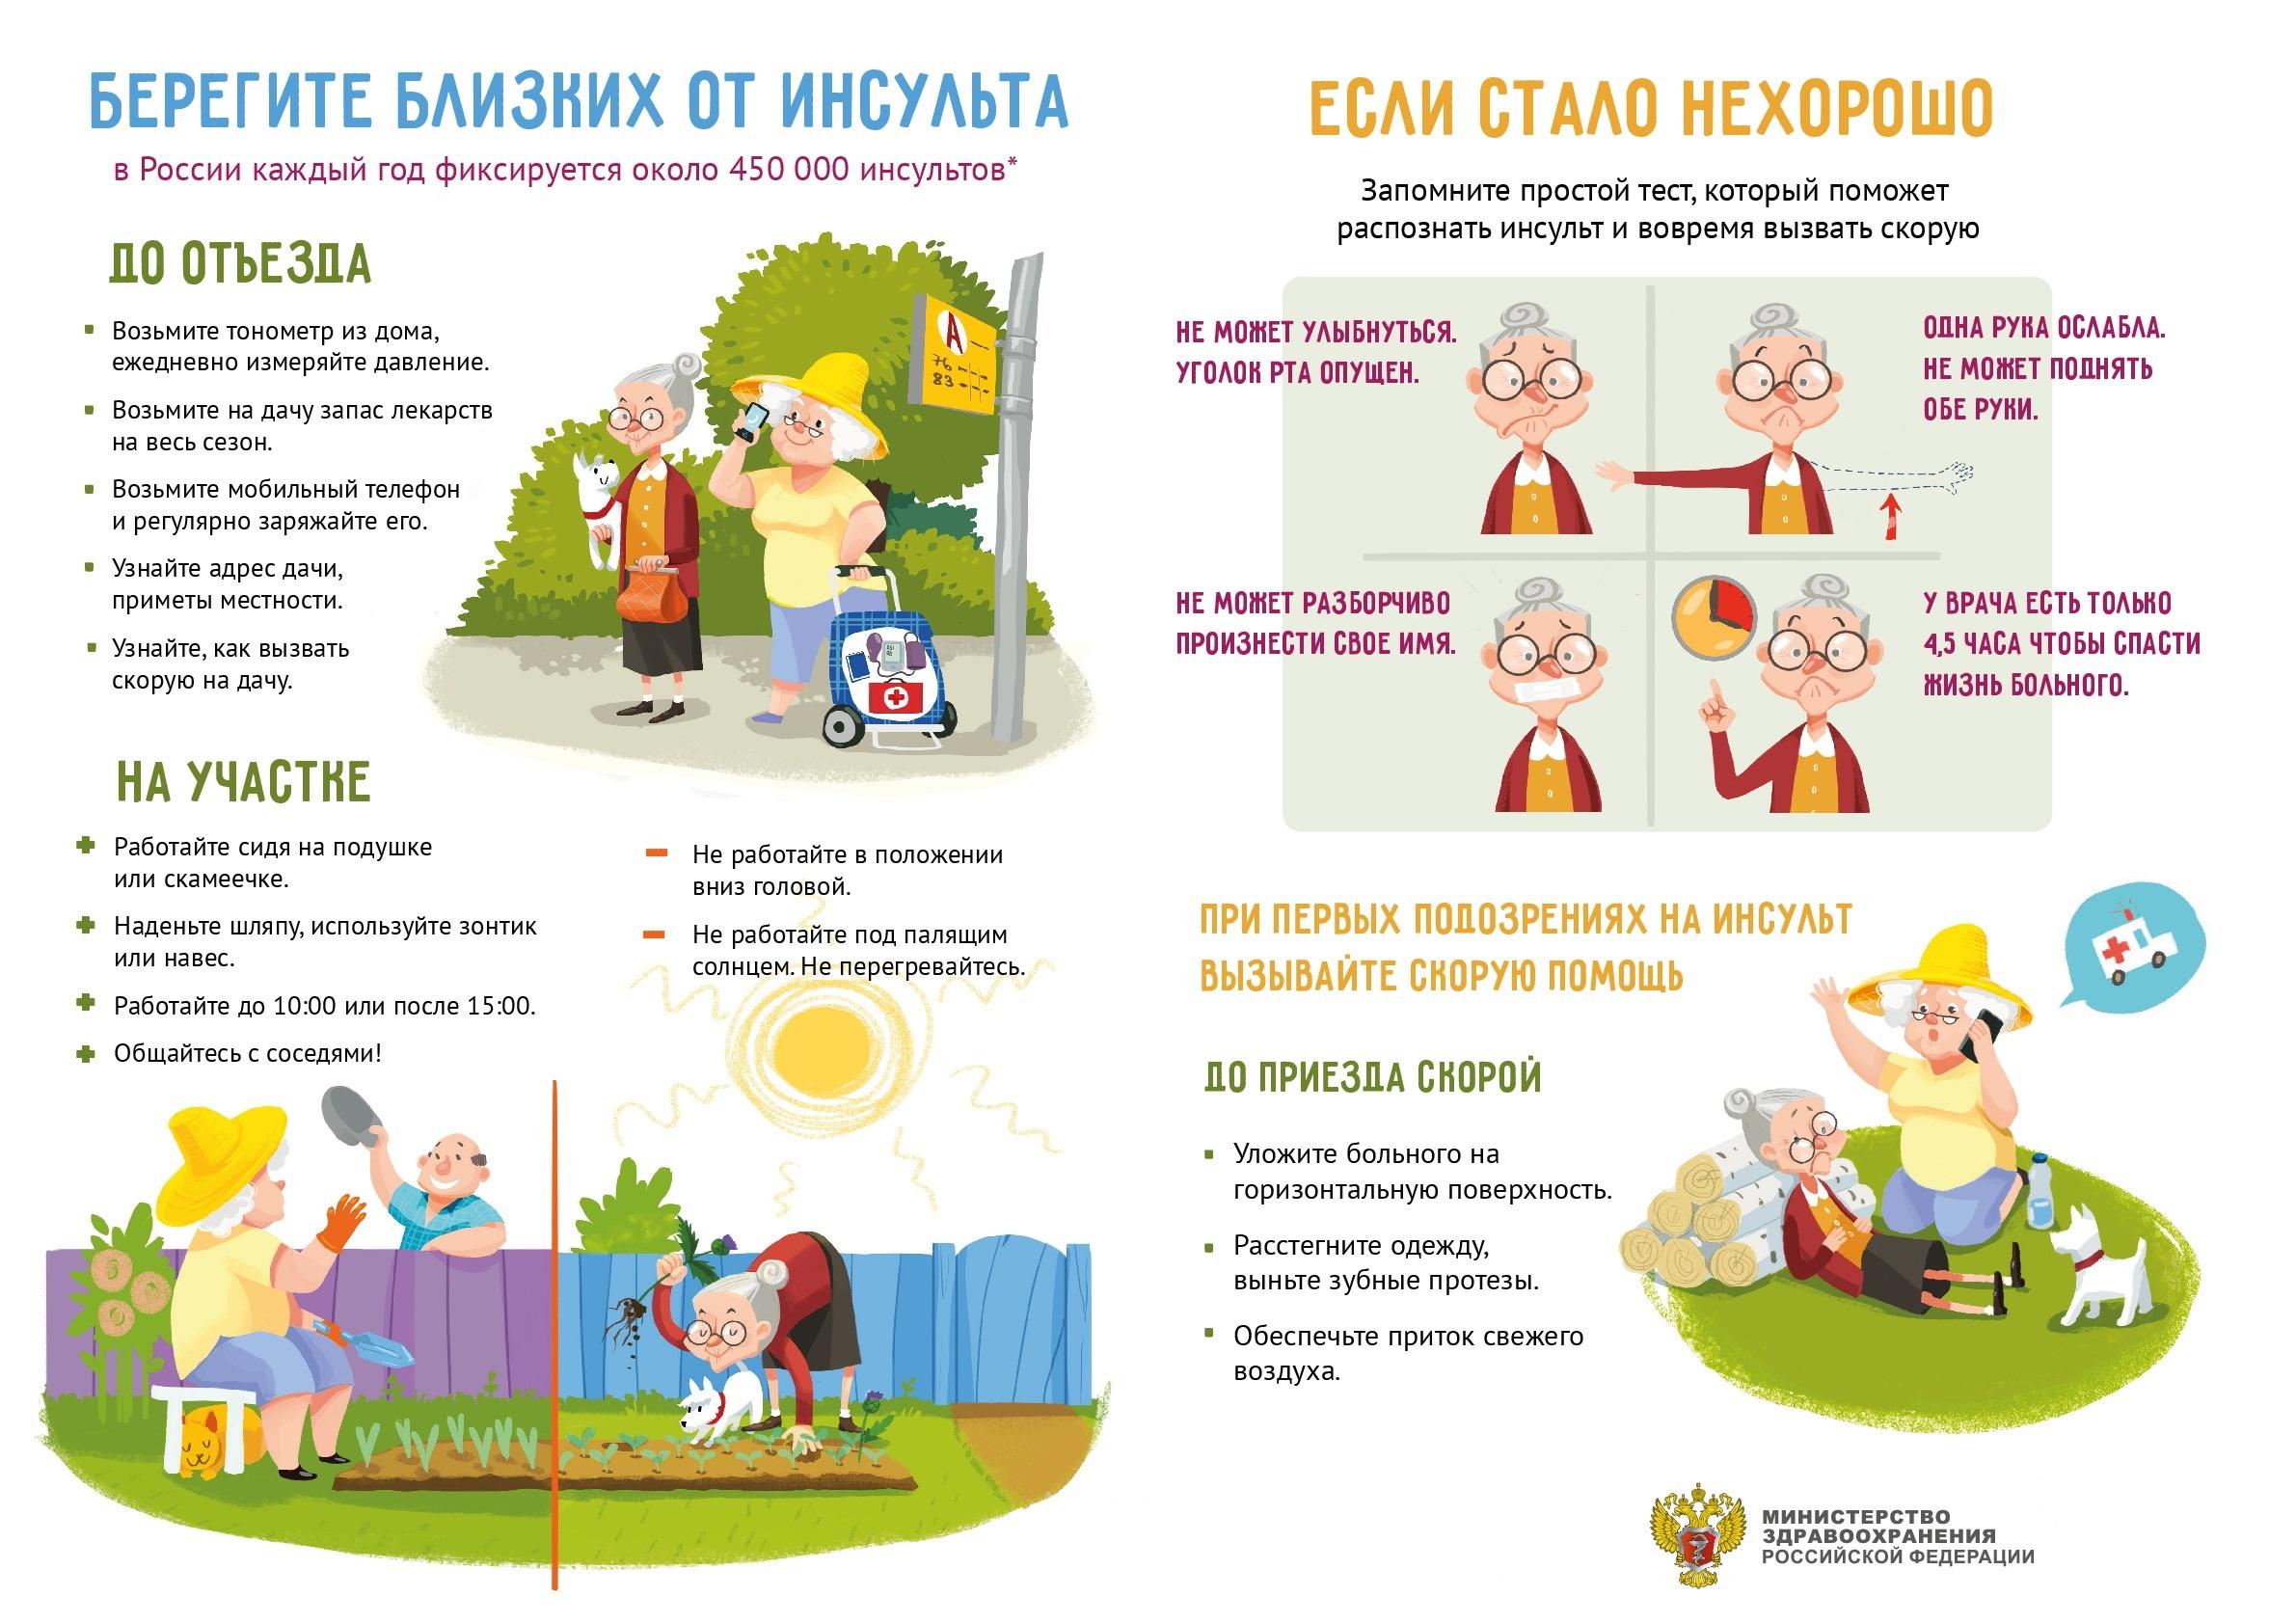 В Минздраве объяснили, как уберечь здоровье в жару